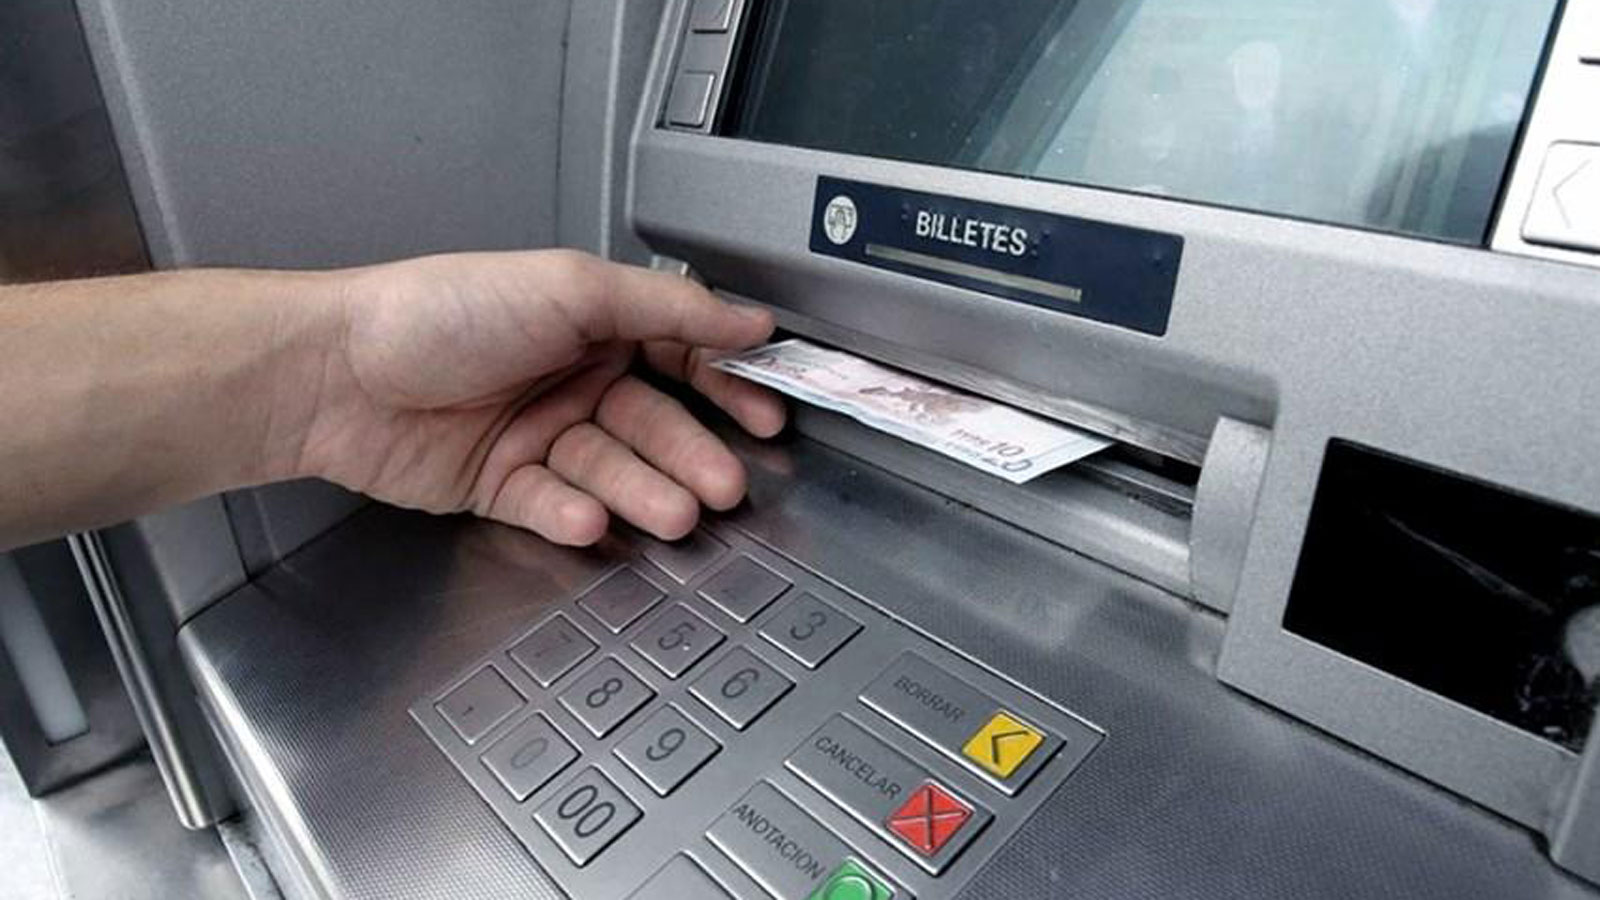 Las retenciones de bancos deben ser denunciadas.